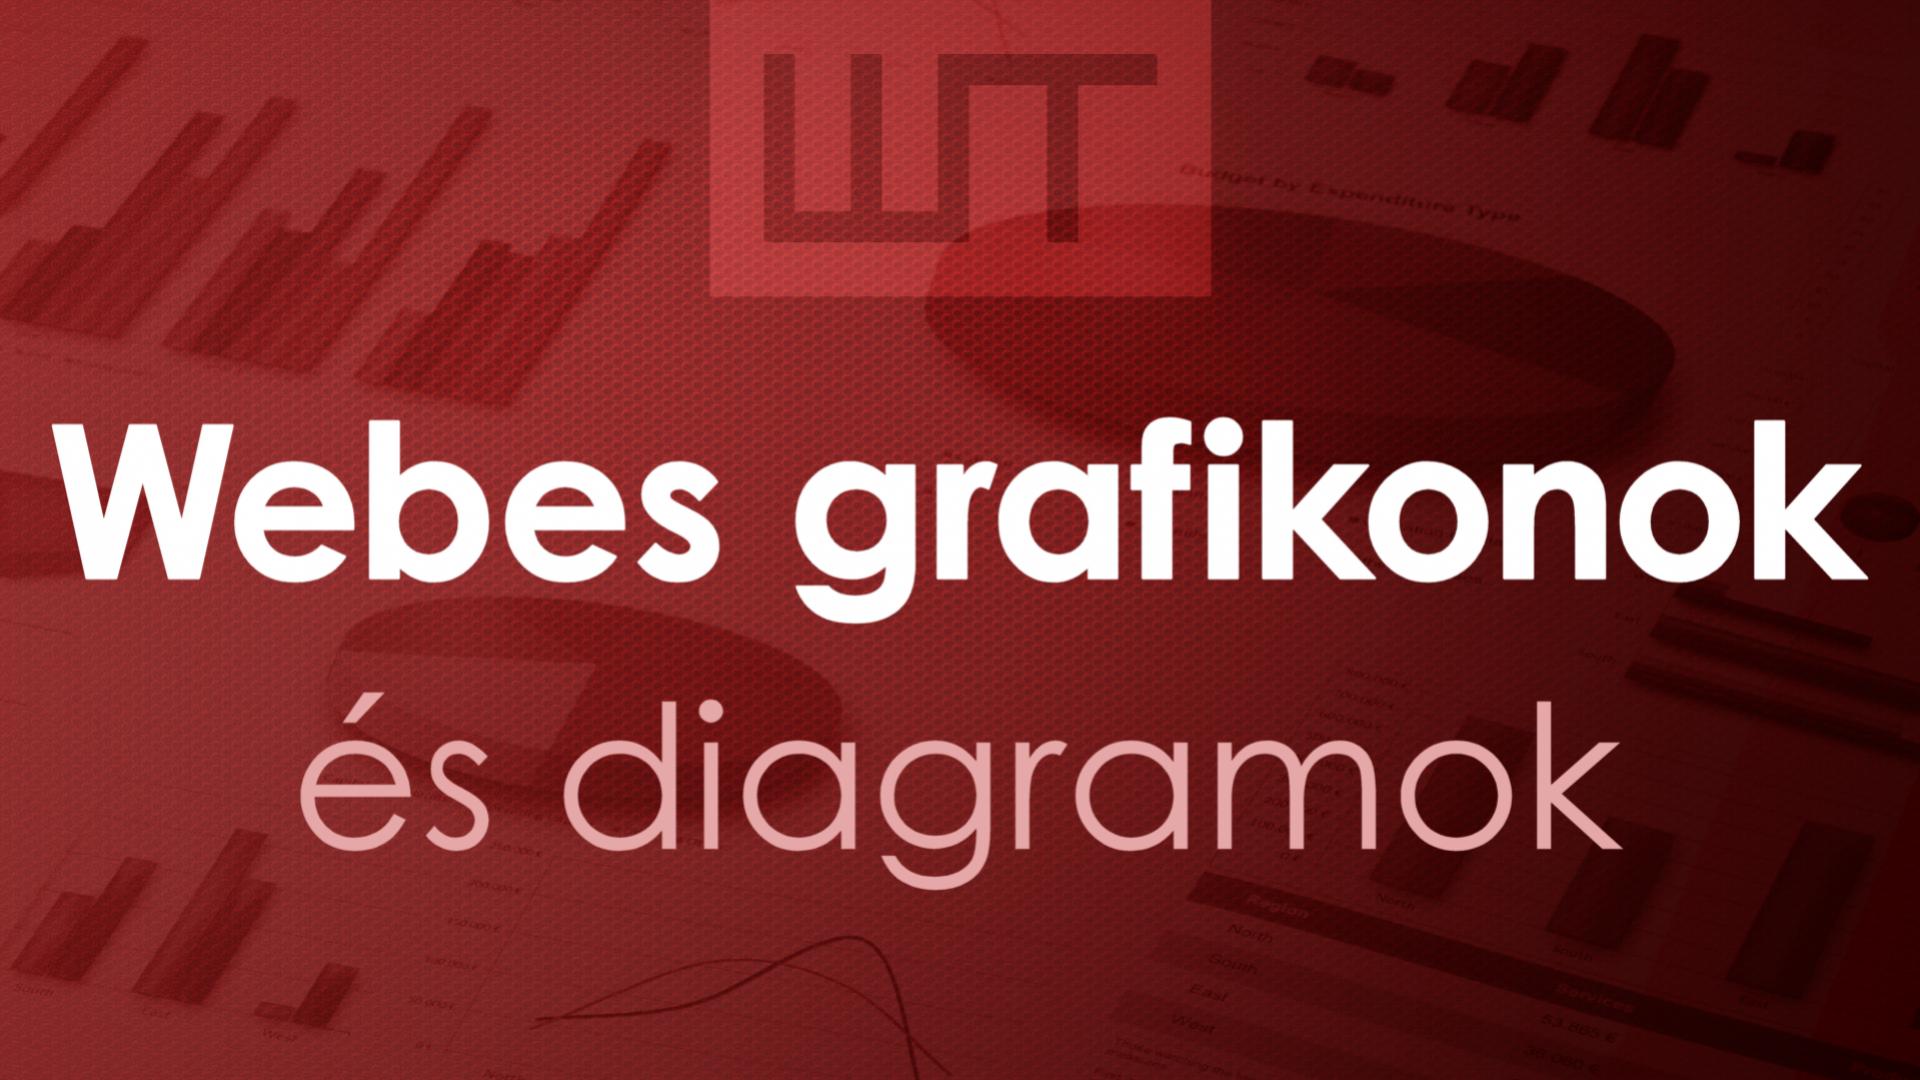 Webes grafikonok és diagramok